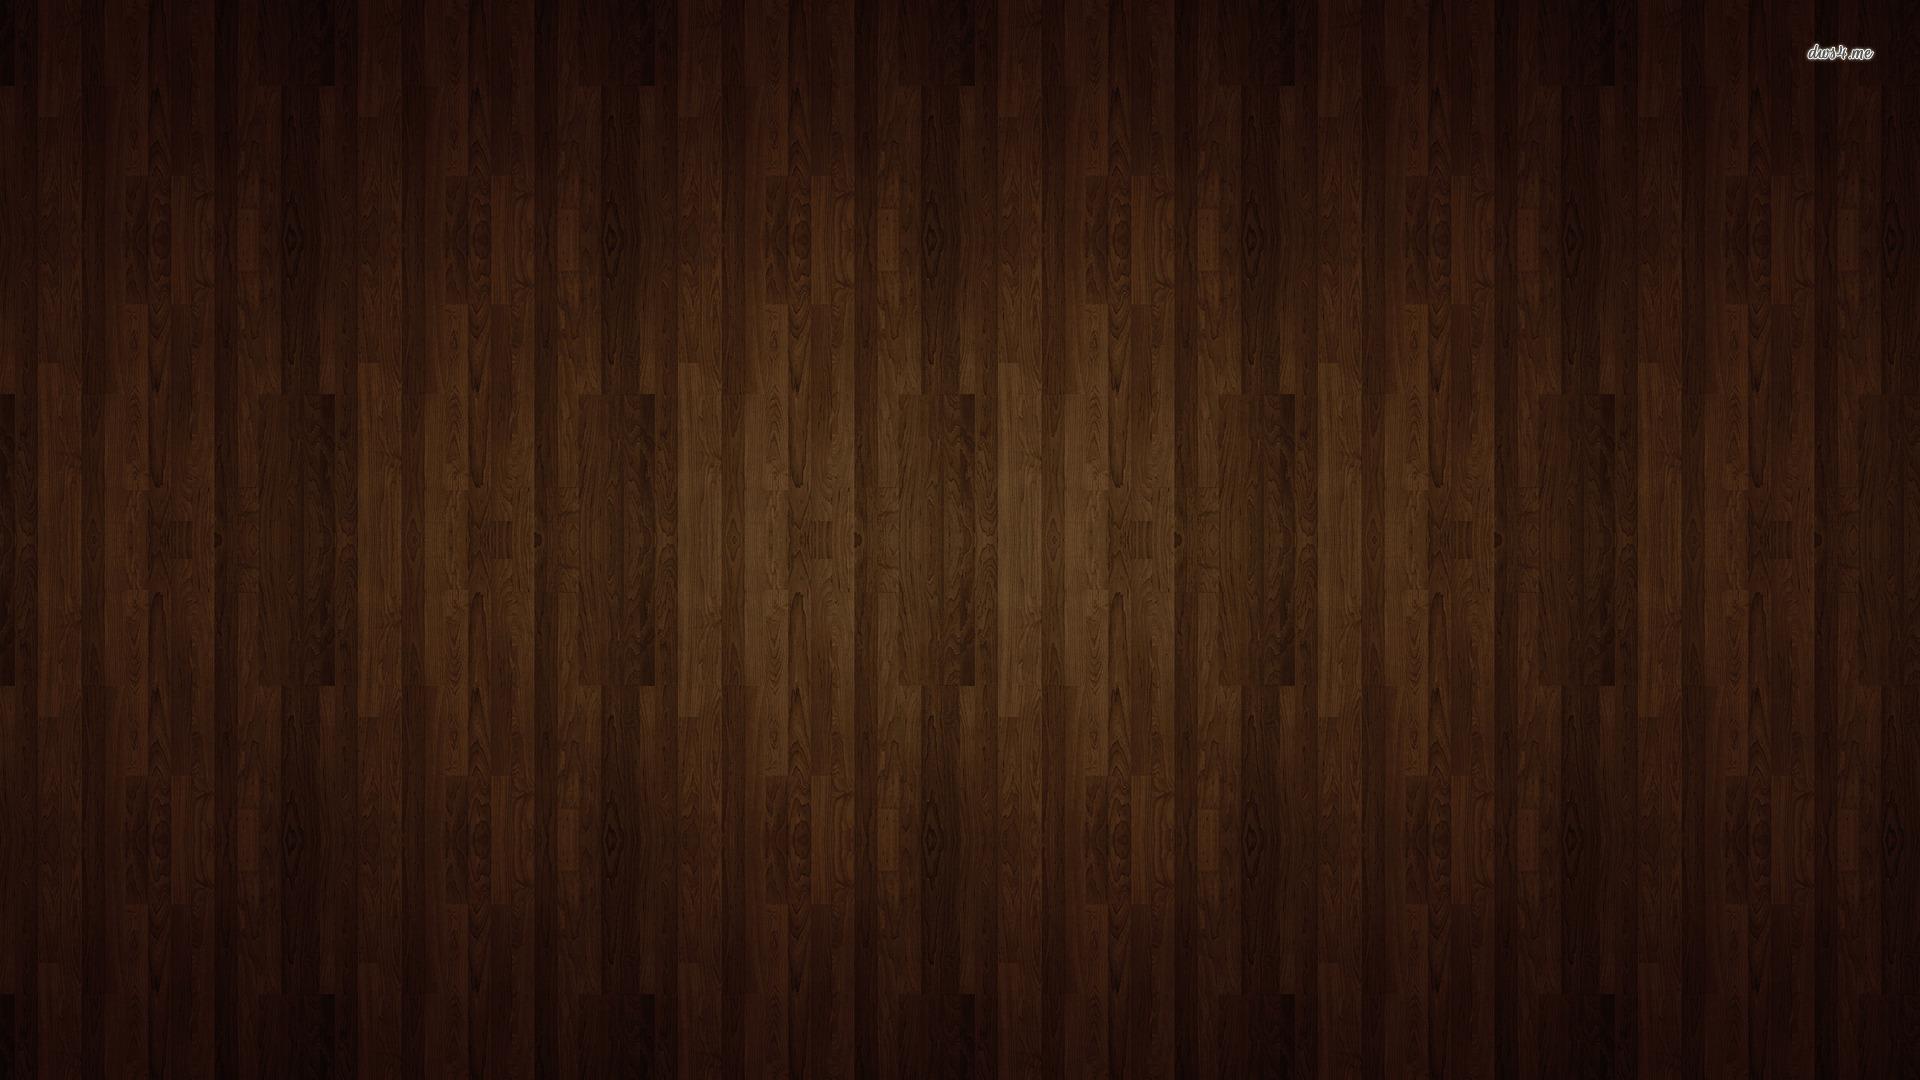 Hardwood Floor wallpaper   Abstract wallpapers   3251 1920x1080